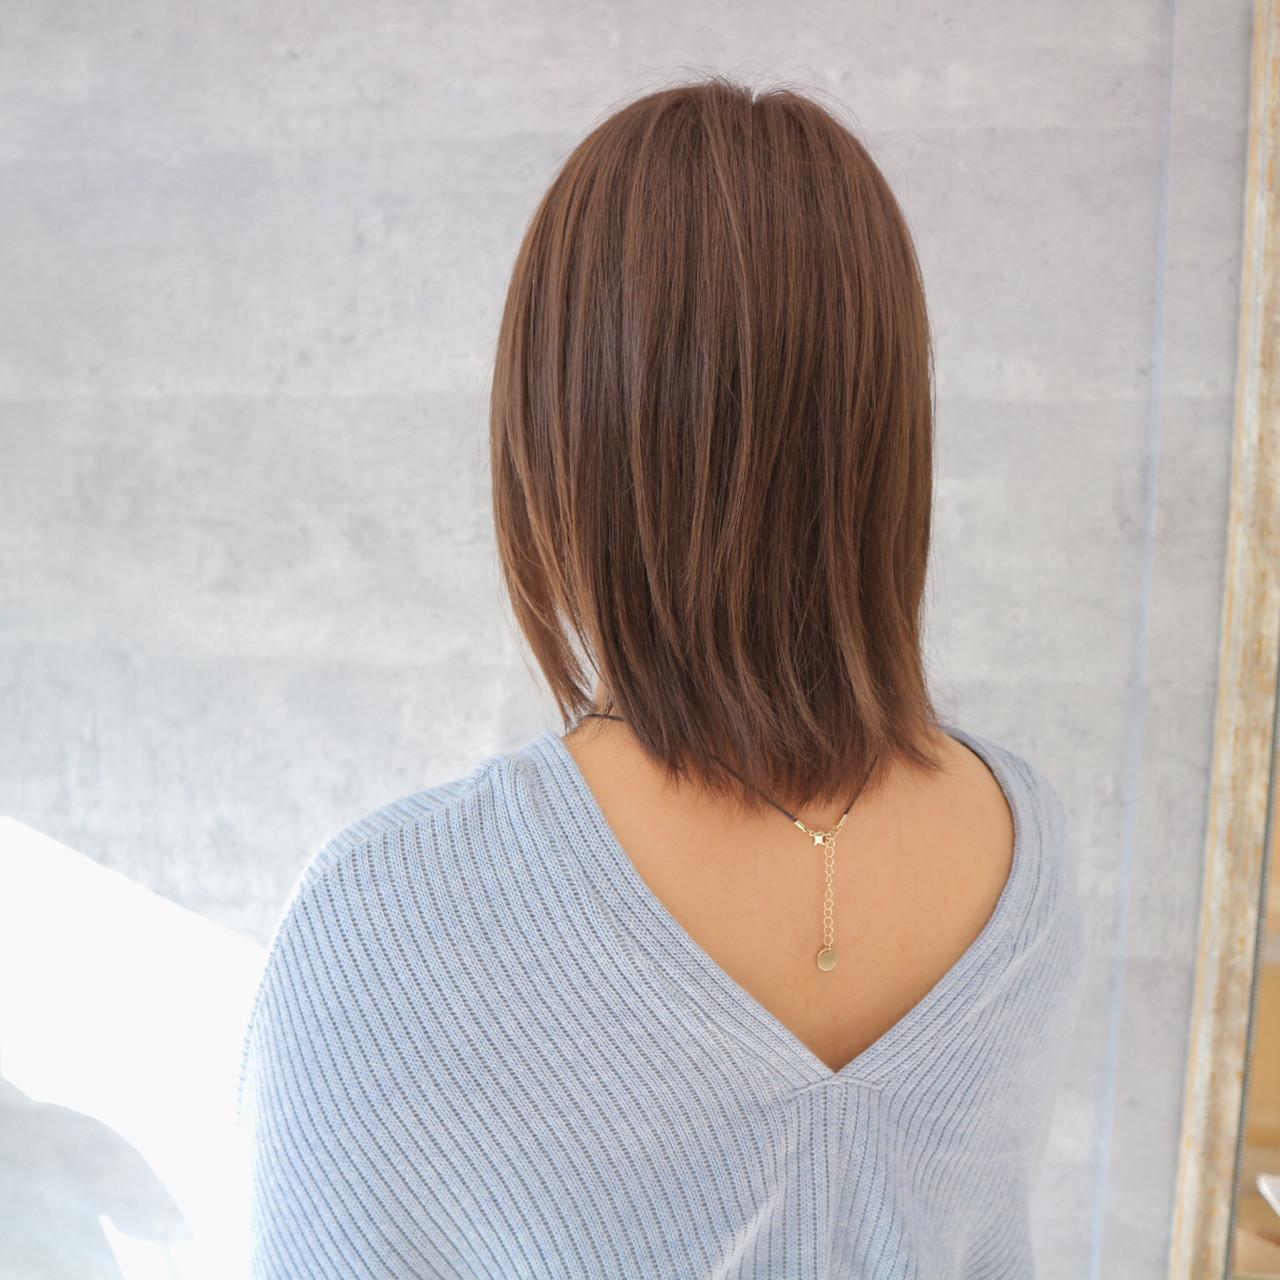 爽やか こなれ感 デート エレガント ヘアスタイルや髪型の写真・画像 | 桑村亮太/CALIF hair store / 函館/CALIF hair store/キャリフ ヘアストア